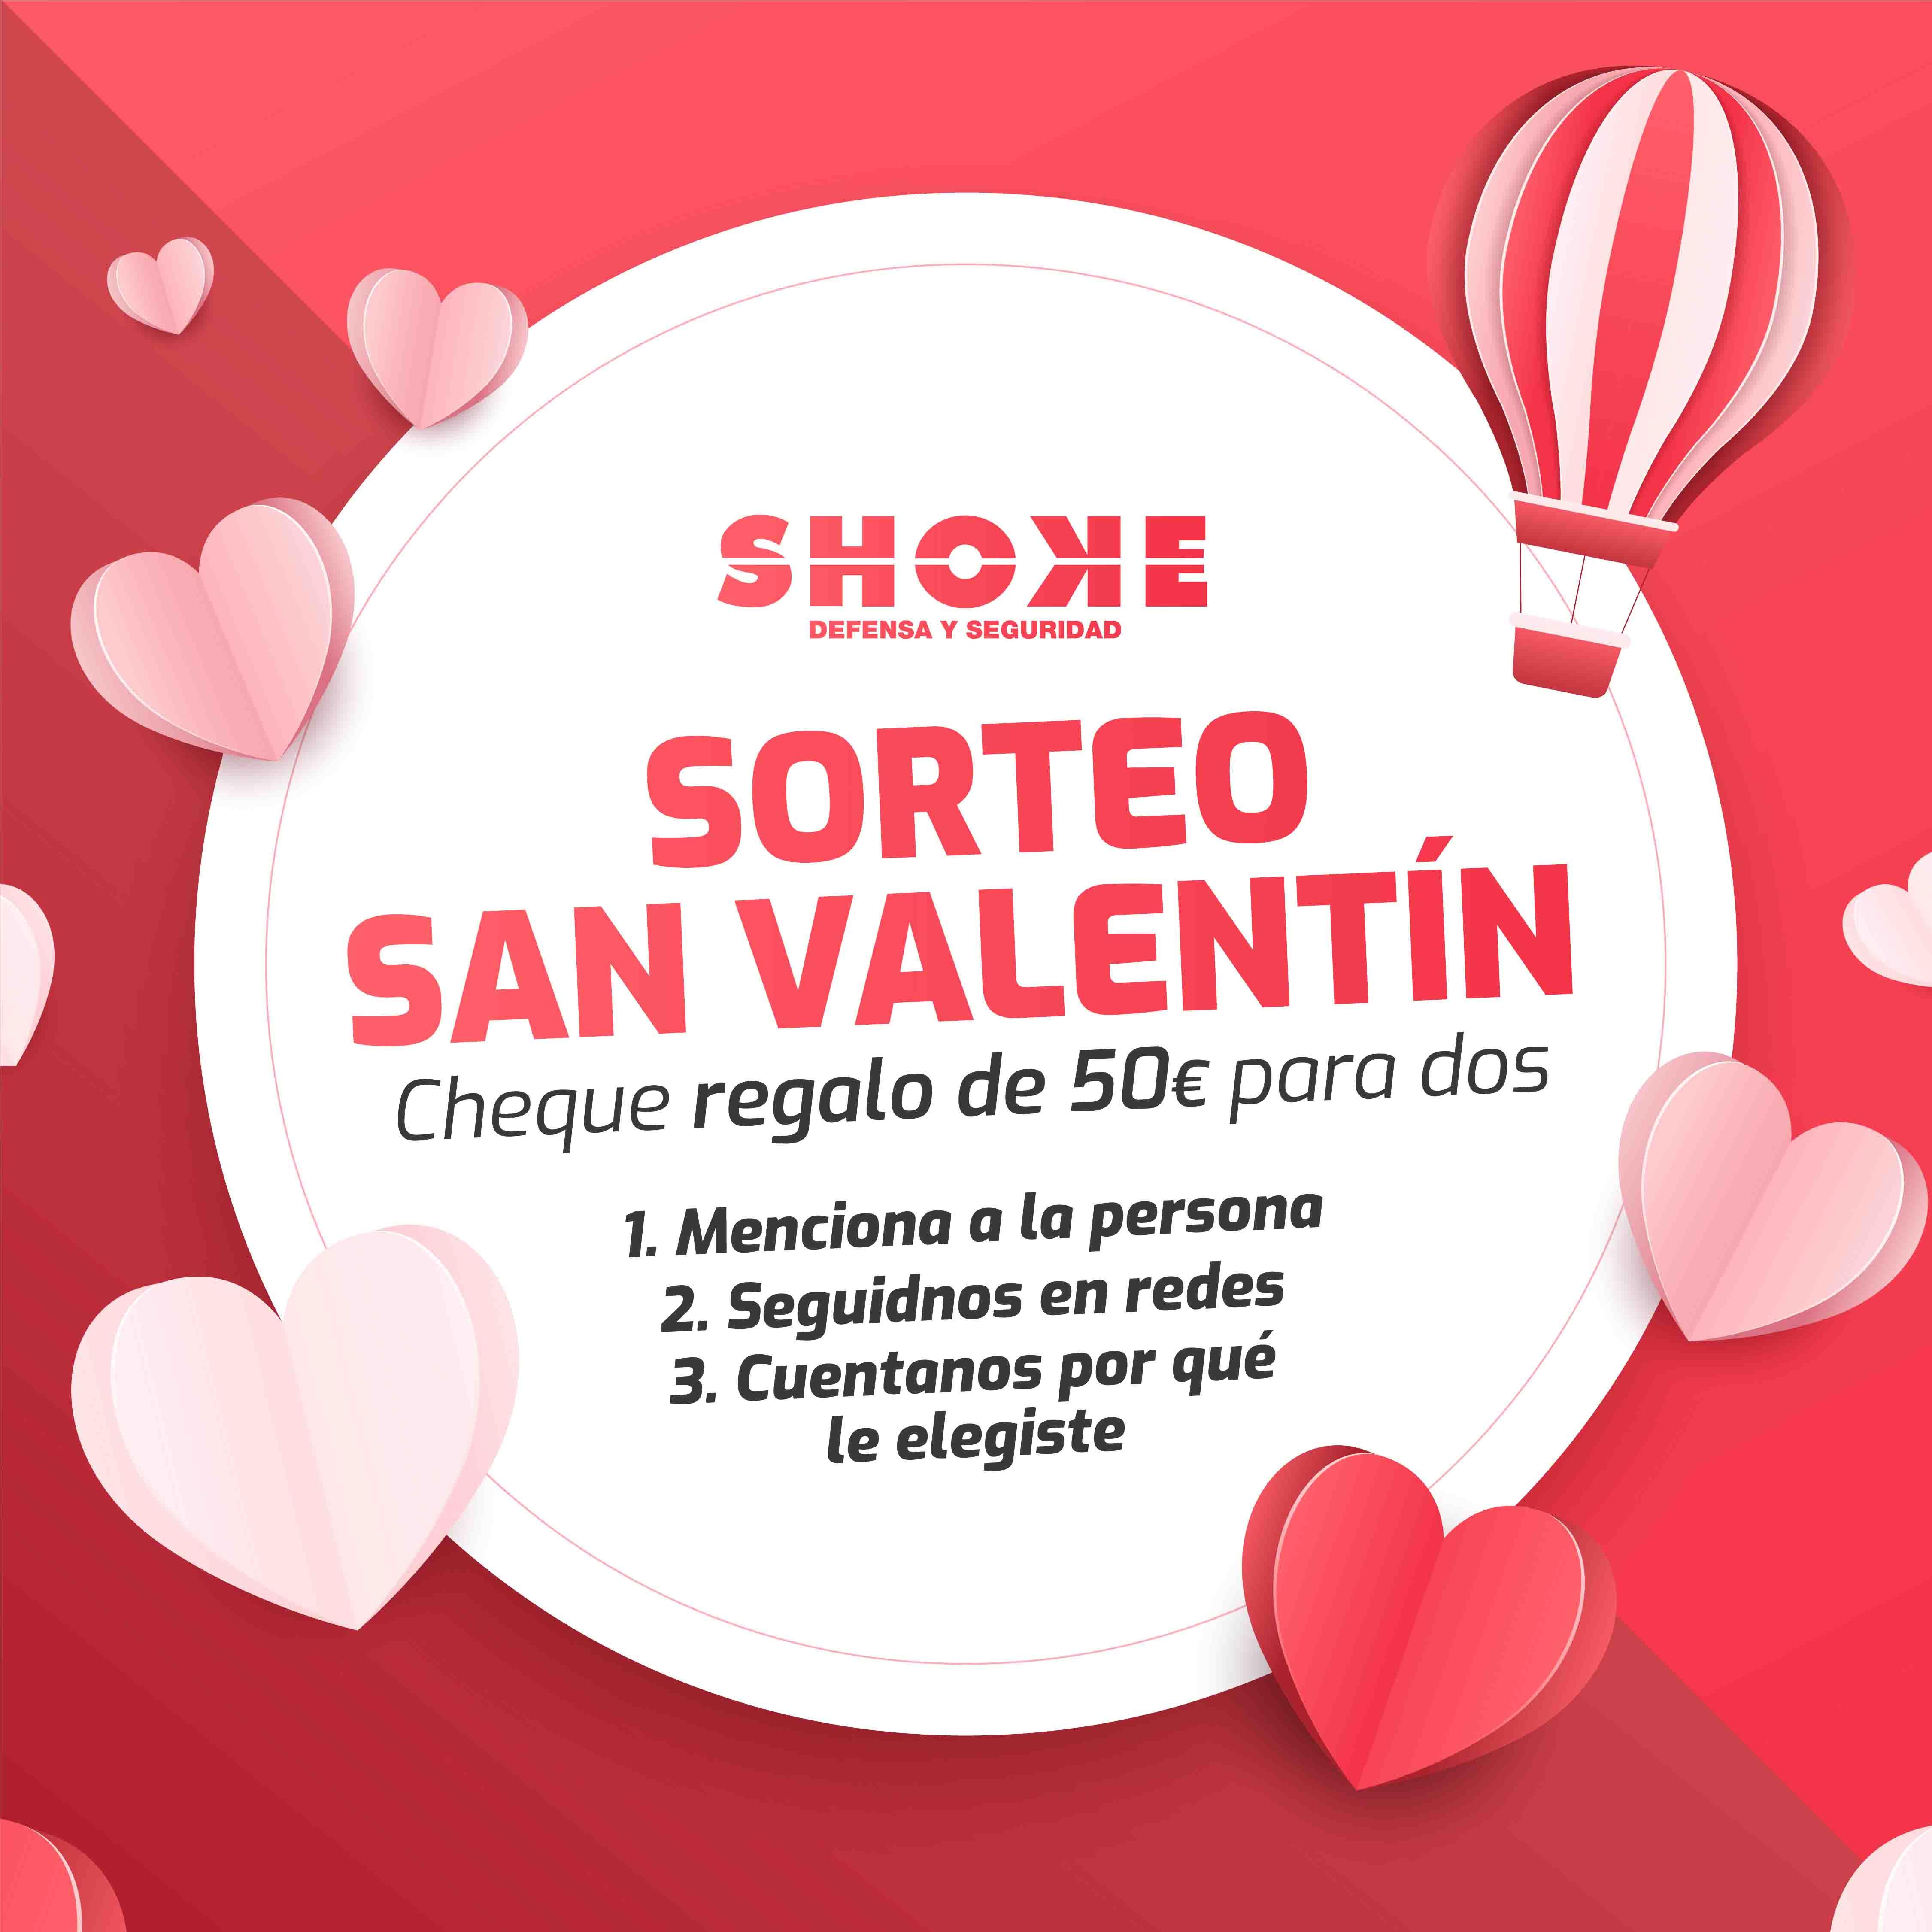 SORTEO: ¡Regala seguridad también en San Valentín!